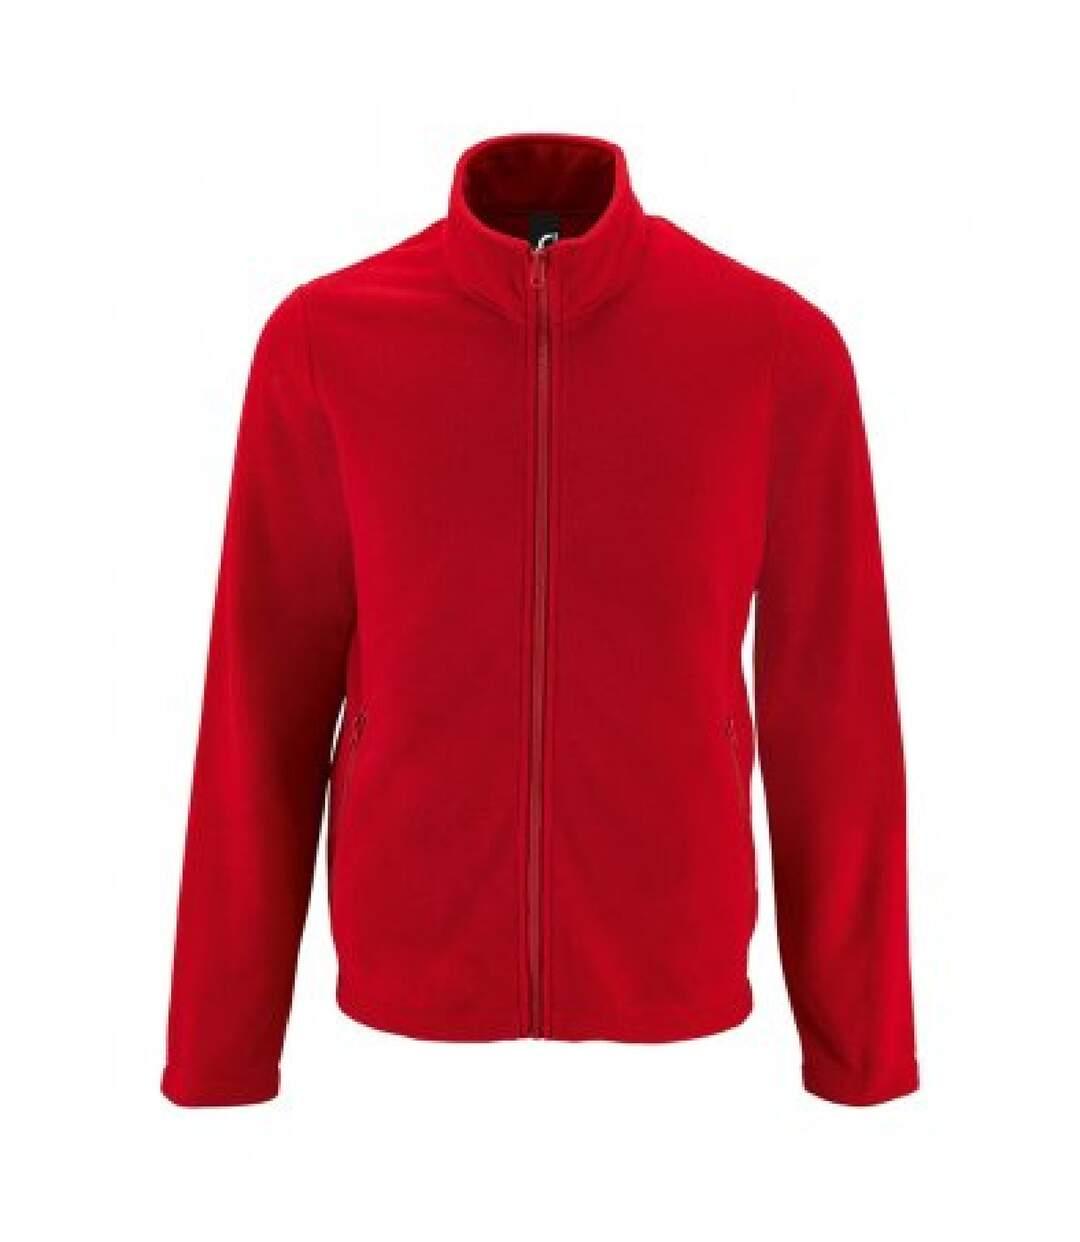 SOLS Mens Norman Fleece Jacket (Red) - UTPC3210